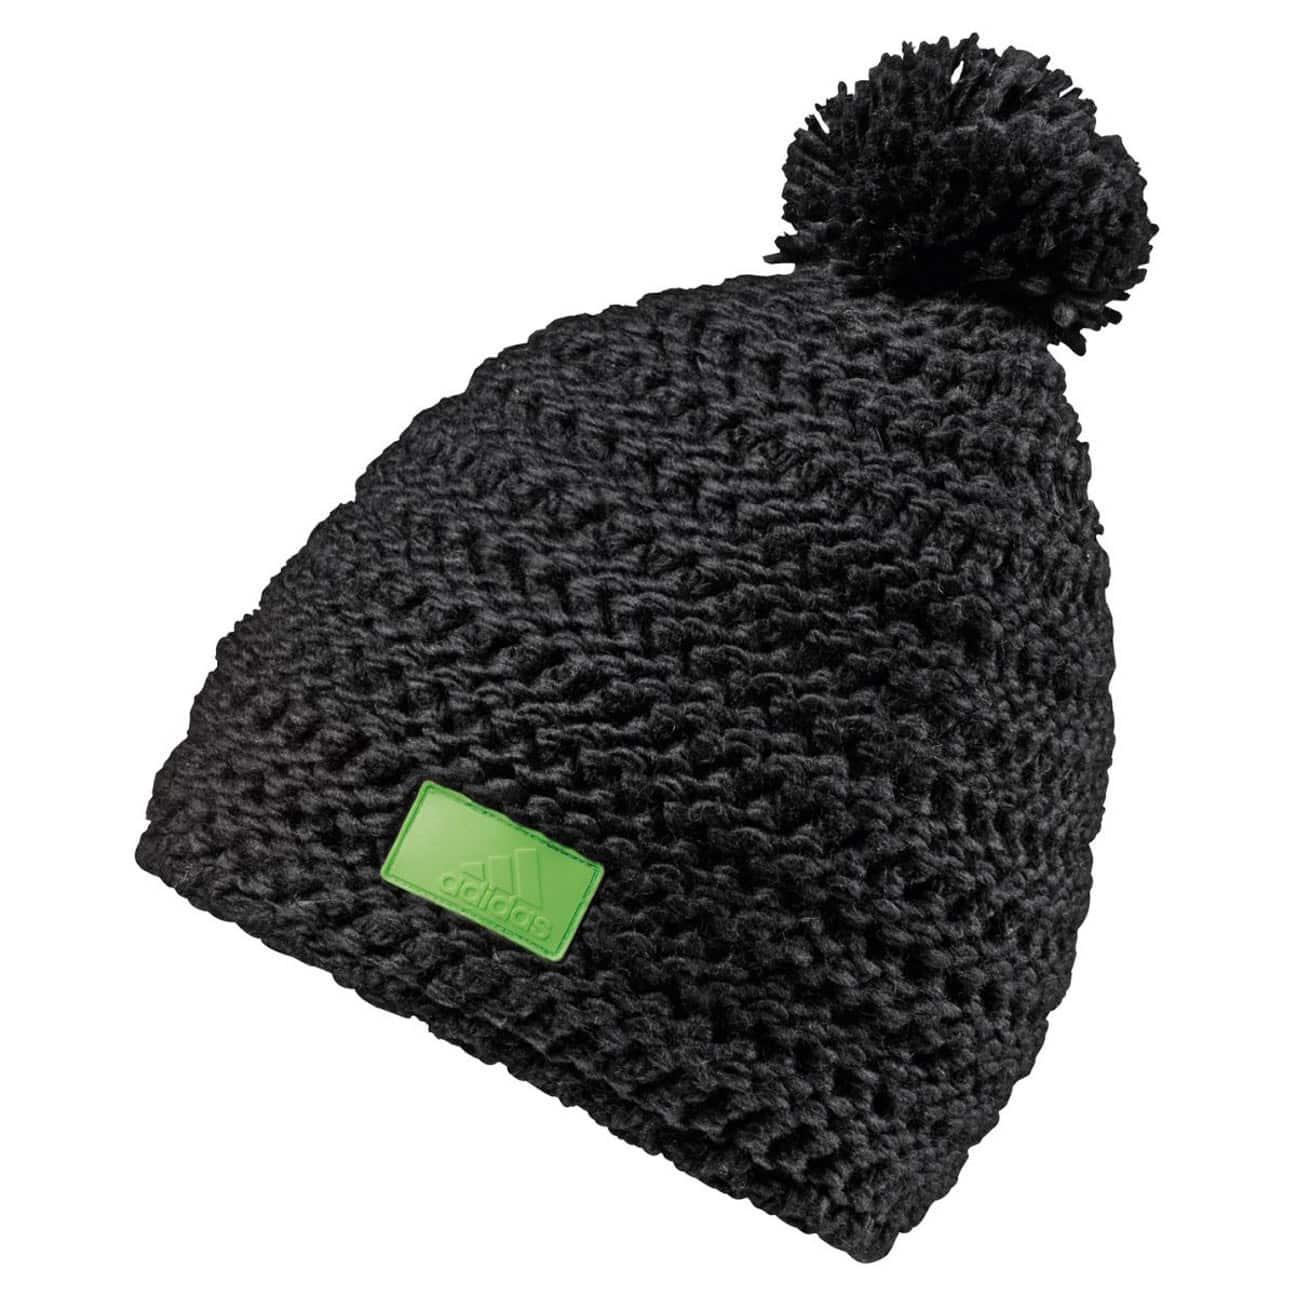 6dcd191d8f2c1 Gorro Wool Crochet Beanie by adidas - Gorros - sombreroshop.es